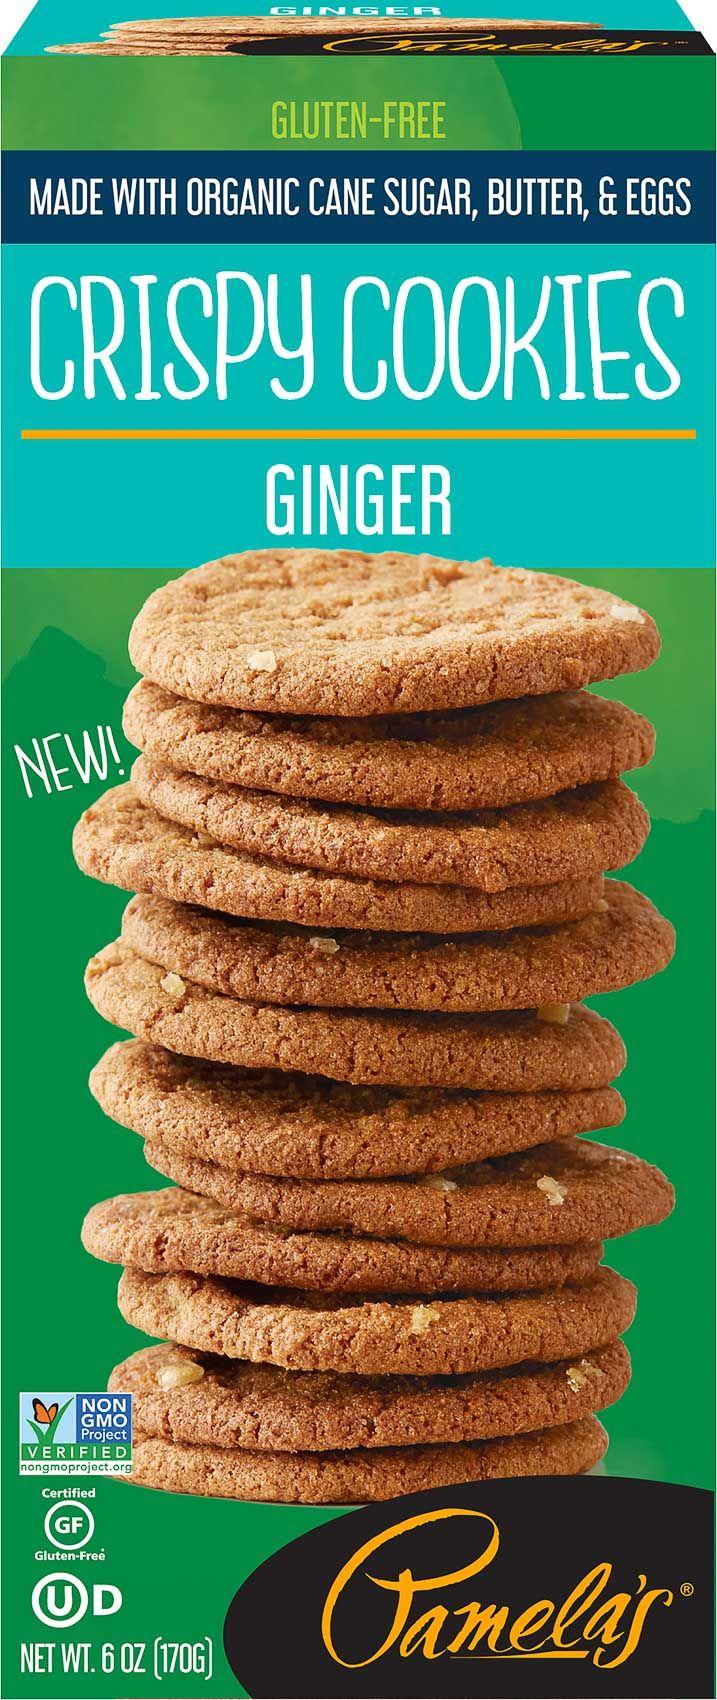 Pamelas_crispy_cookies_ginger.jpg